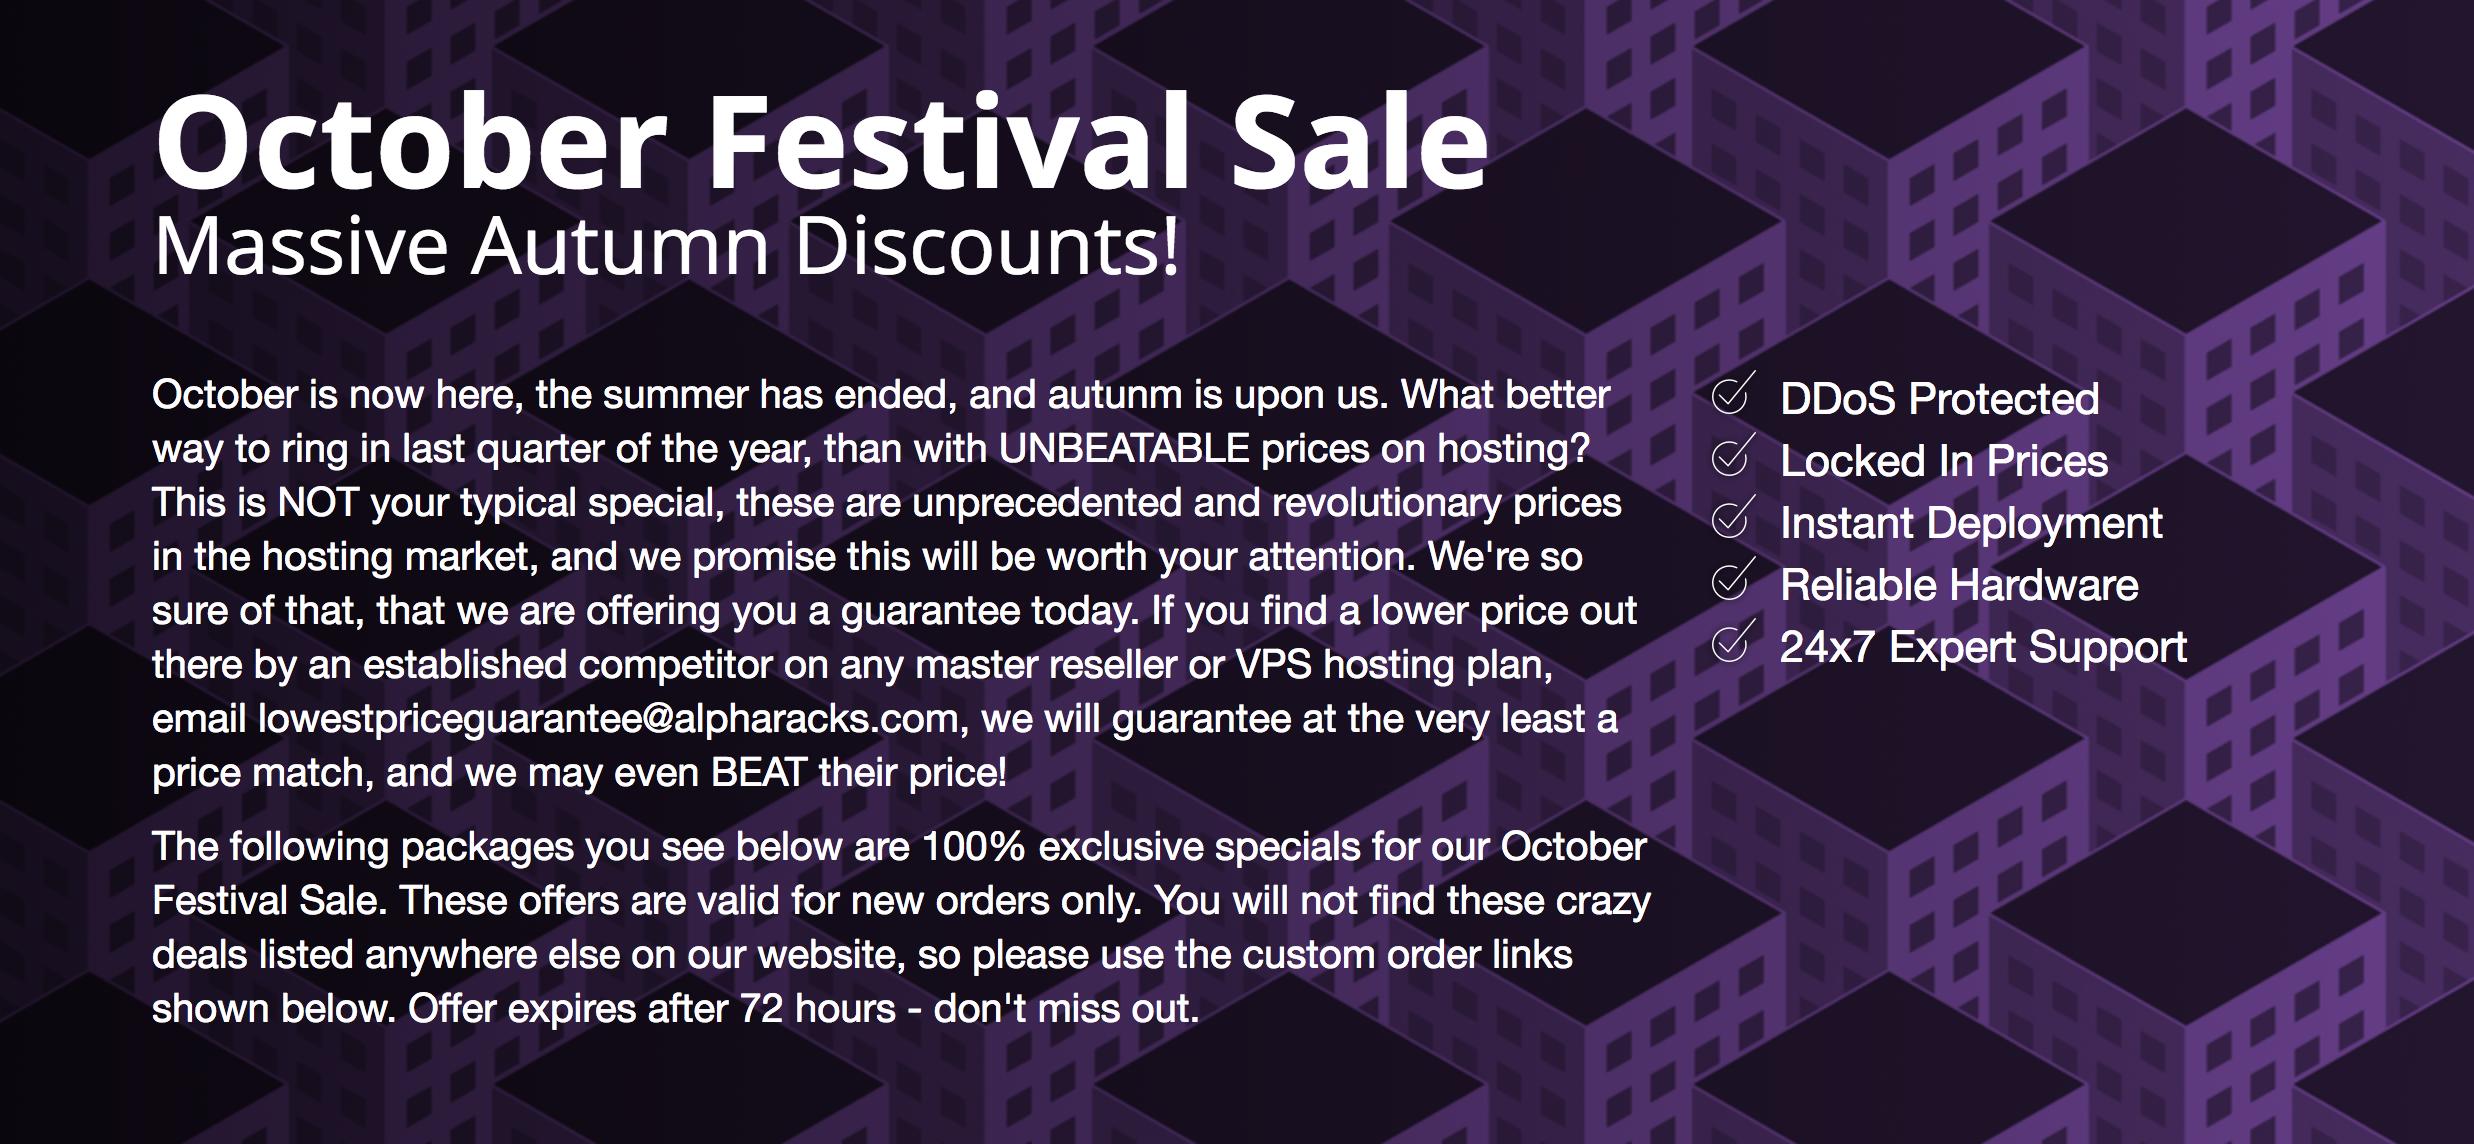 Alpharacks October Festival Sale